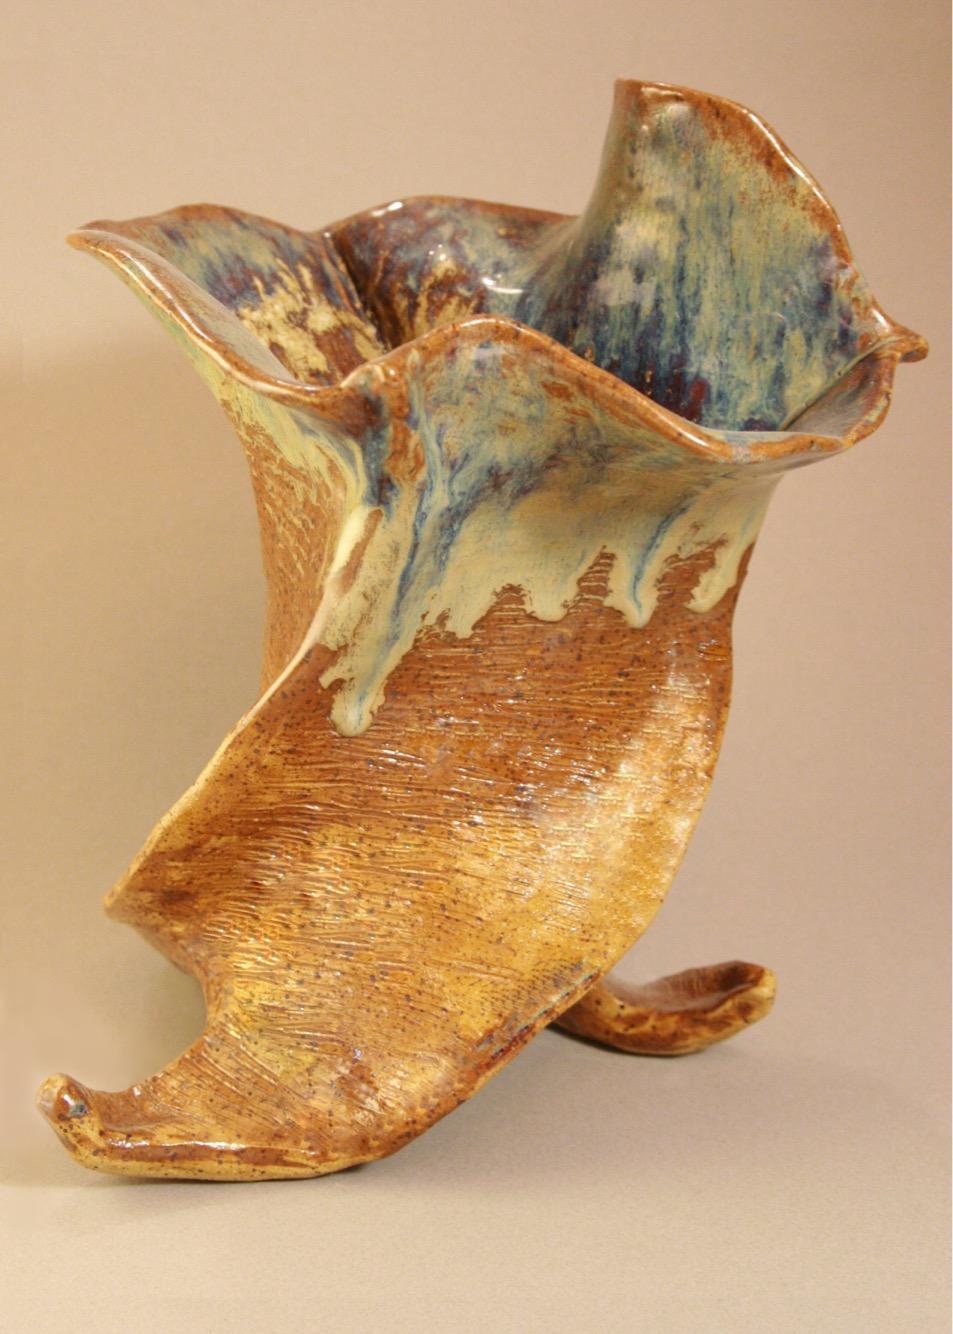 Amanda Kohr - image 4 - Combustion Ceramics.jpeg